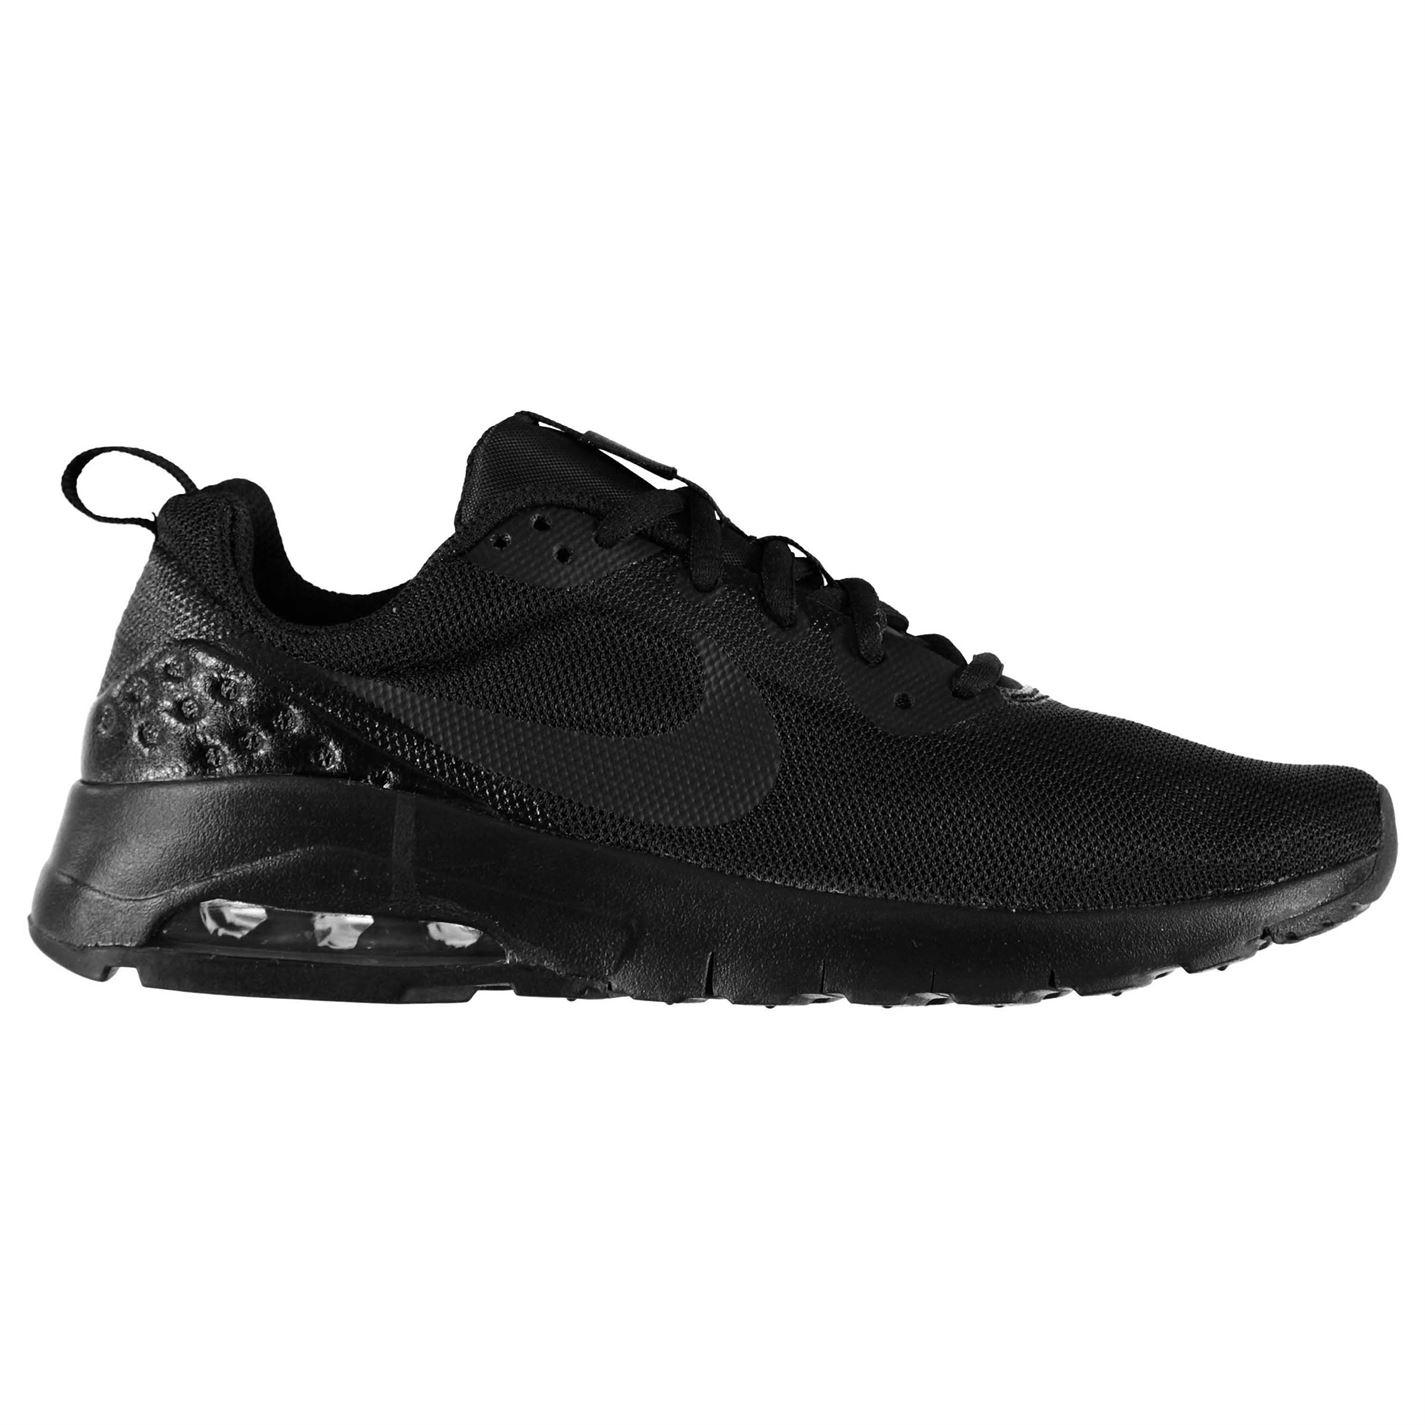 Nike Air Max Motion LW Trainers detské Boys